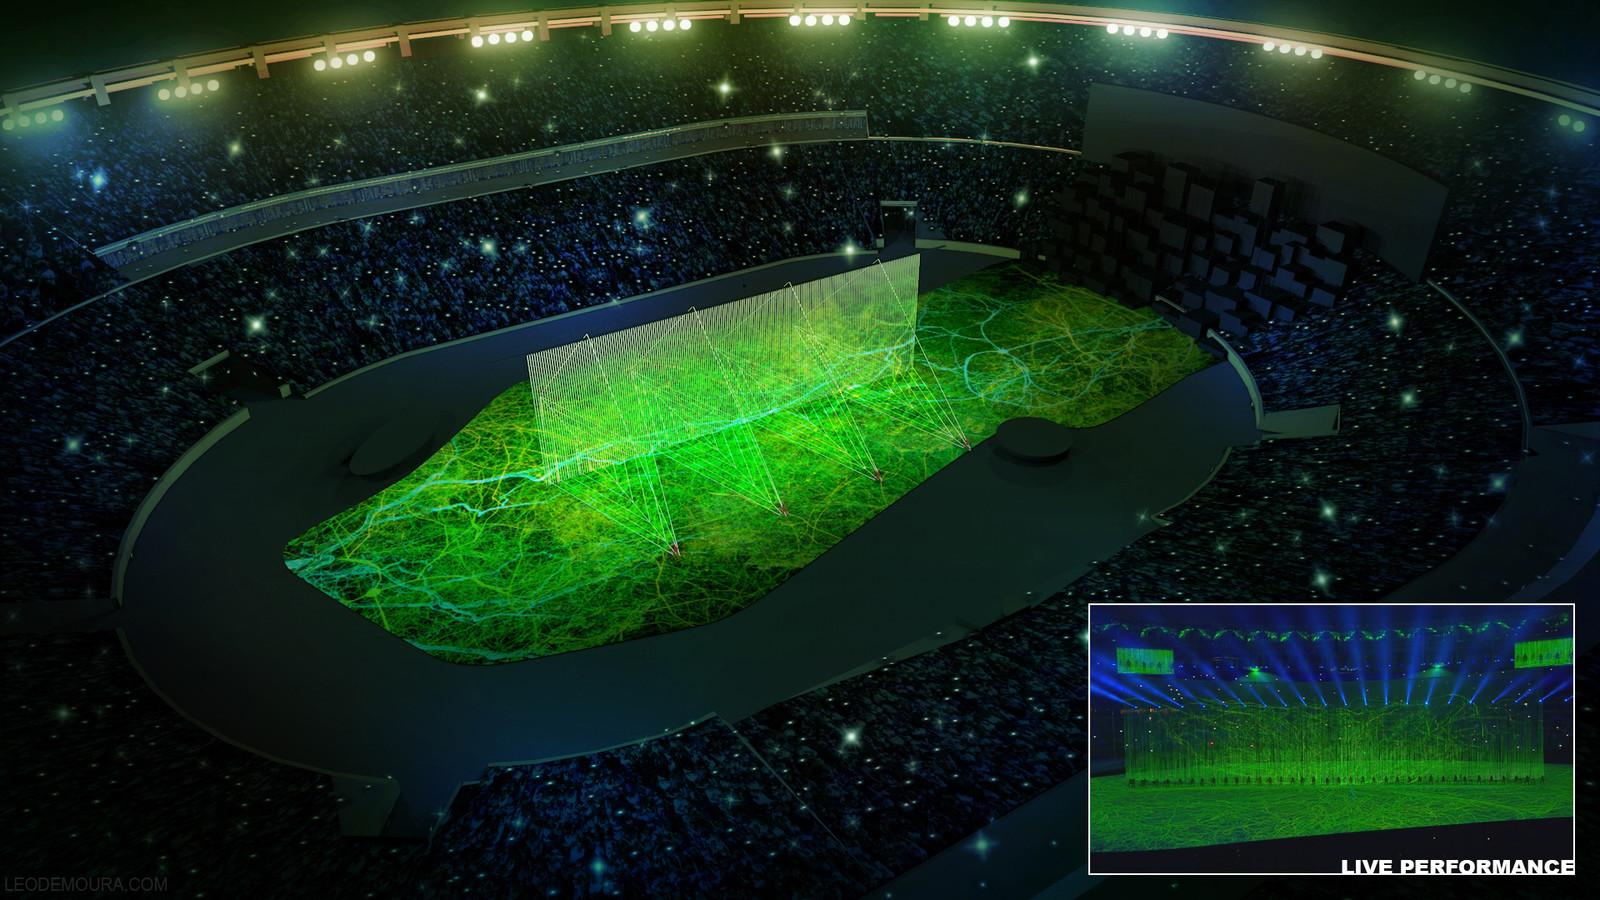 Rio 2016 Olympics Ceremony Storyboard 2/4